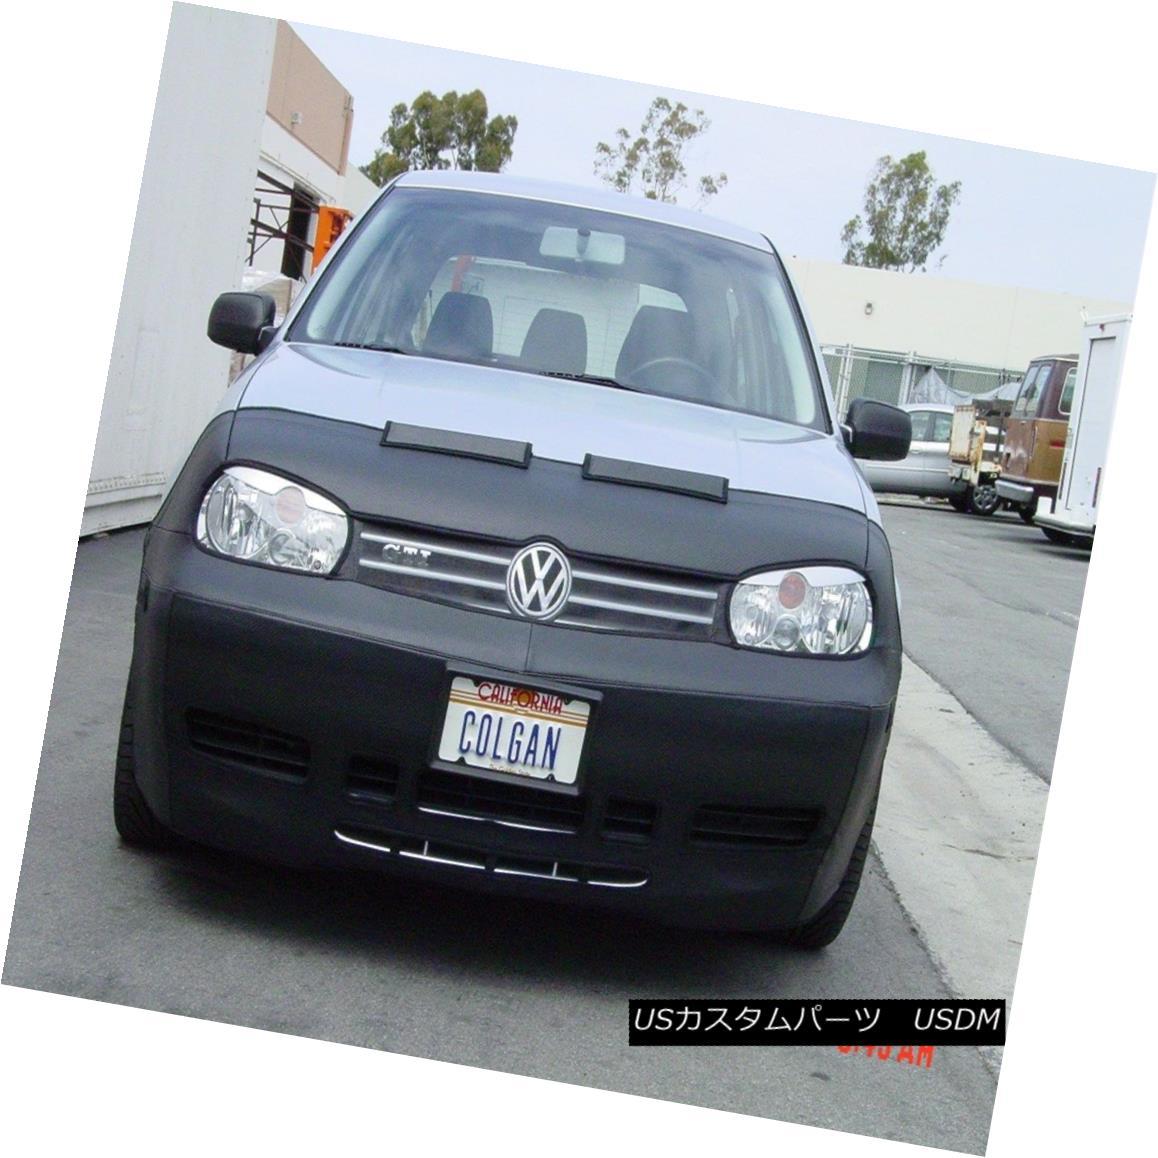 フルブラ ノーズブラ Colgan Front End Mask Bra 2pc. Fits 1999-2004 VW Golf, GL, GLS, GTI & TDI w/Tag コルガンフロントエンドマスクブラ2pc 1999?2004年のVWゴルフ、GL、GLS、GTI& タグ付きTDI